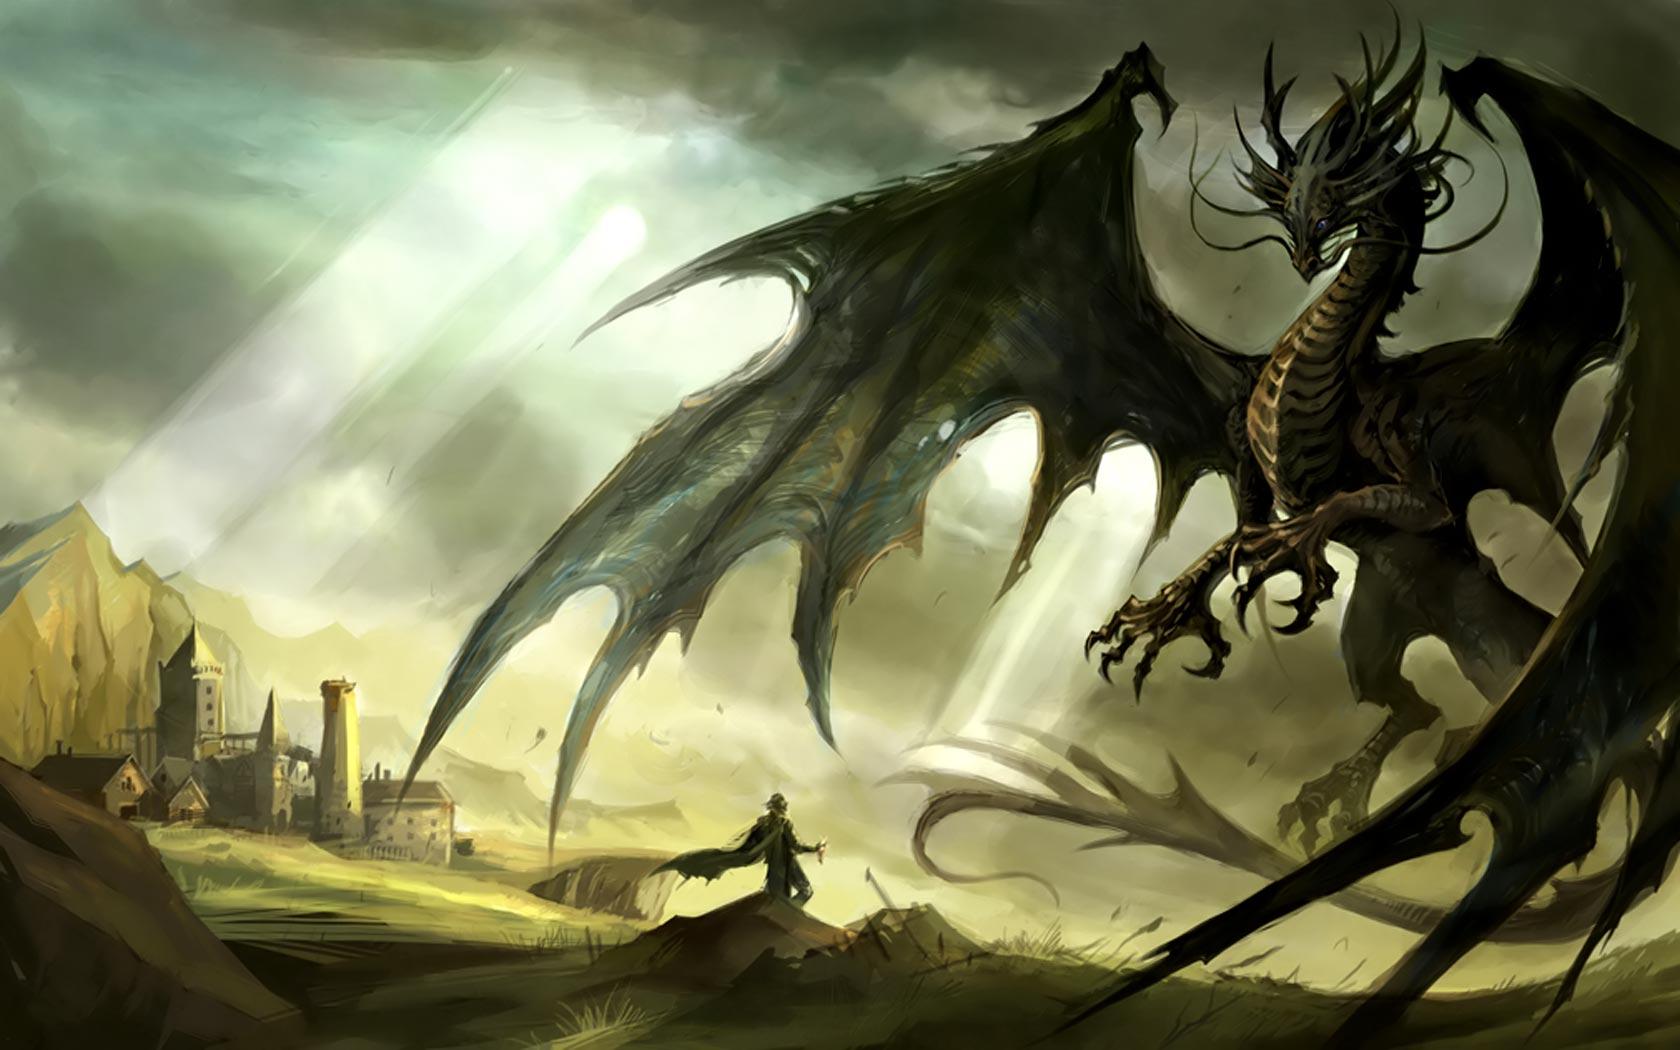 Dragon Wallpaper Hd 1080p 1680x1050